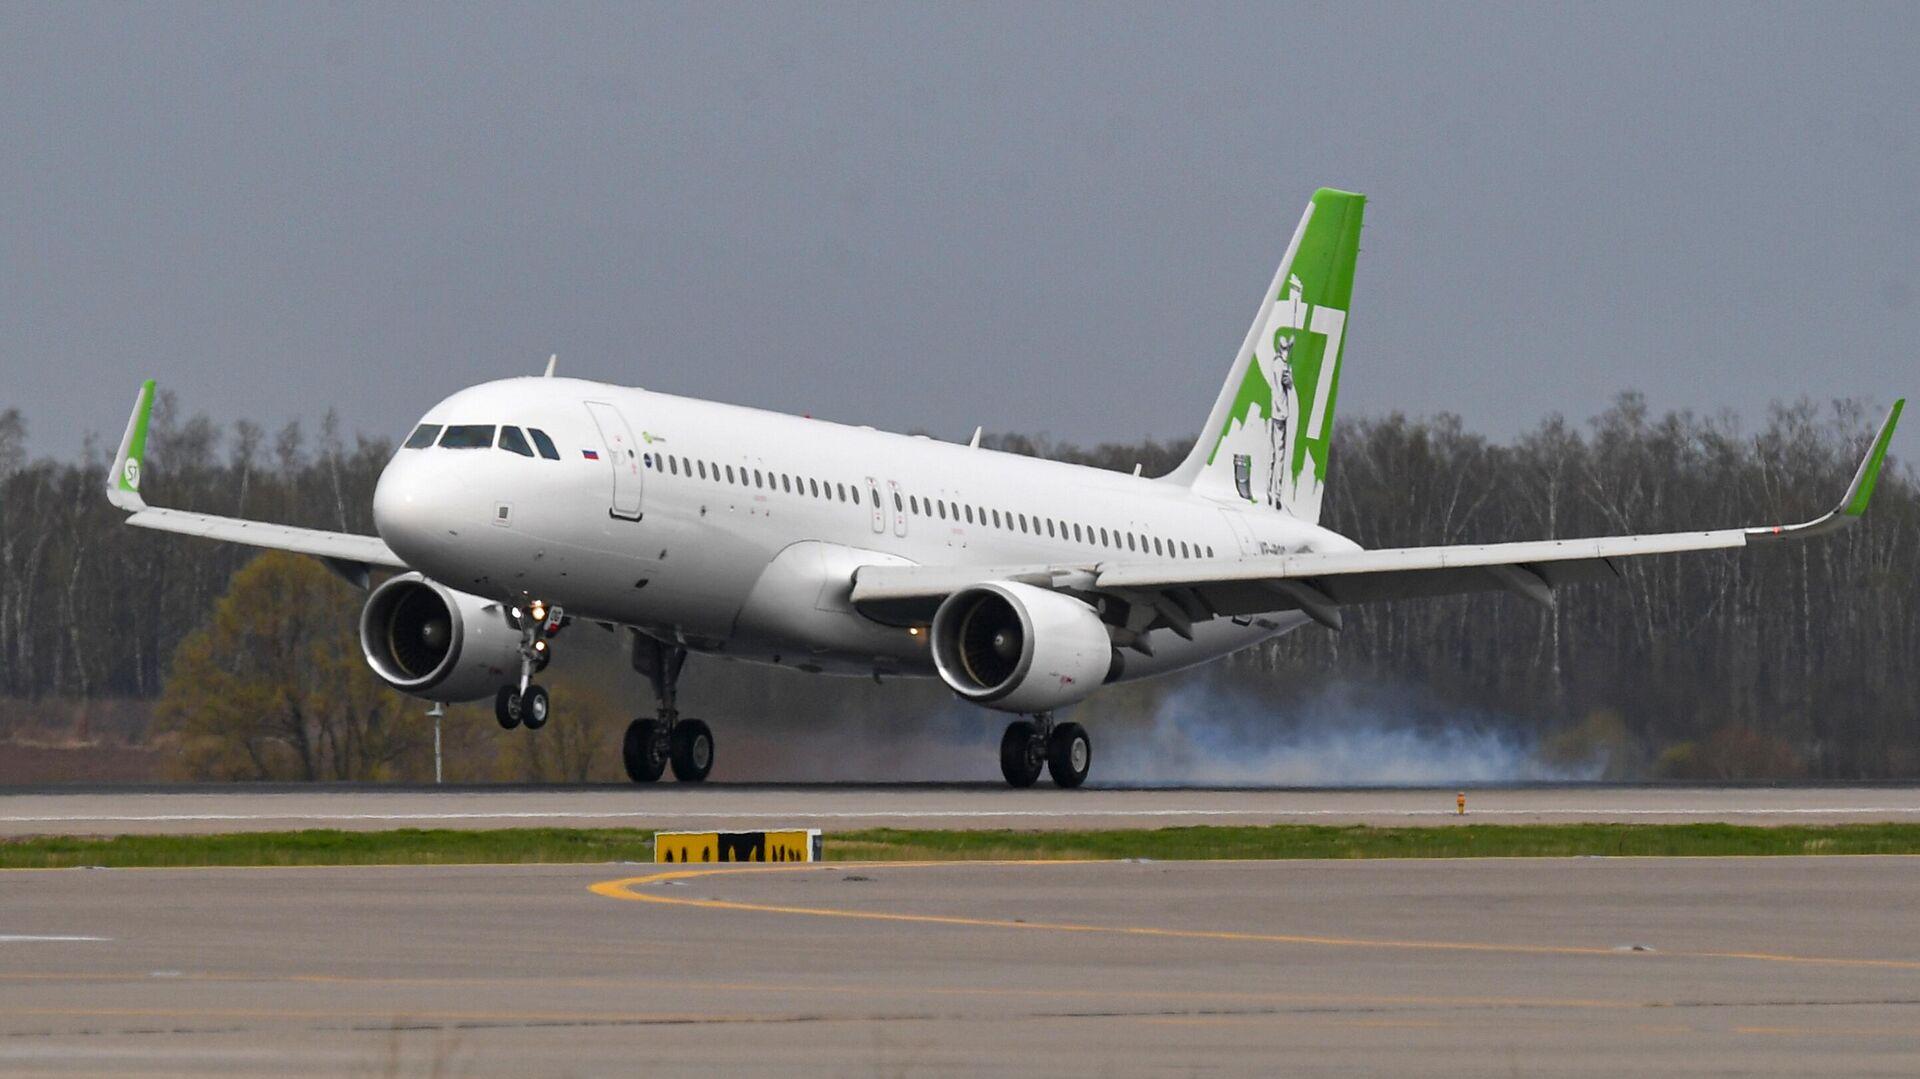 Посадка самолета Airbus A320 авиакомпании S7 Airlines в новой ливрее в аэропорту Домодедово - РИА Новости, 1920, 08.07.2021